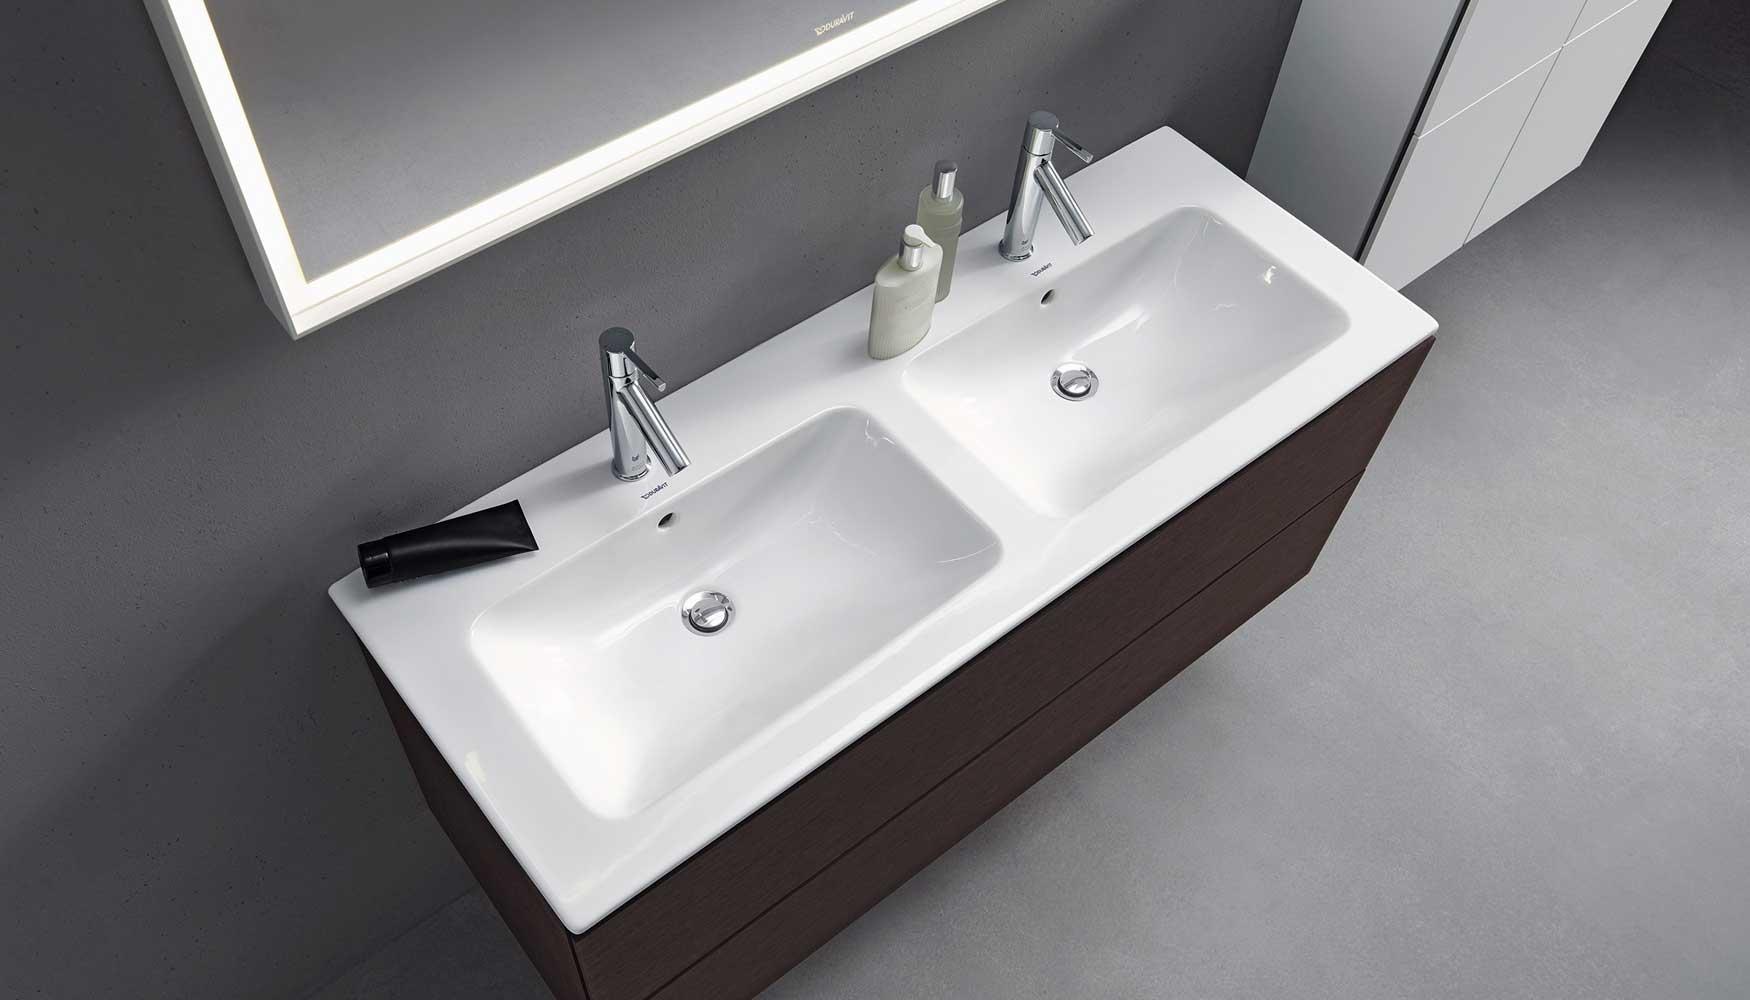 Tendencia de equipamiento en el baño: un punto de atención ...